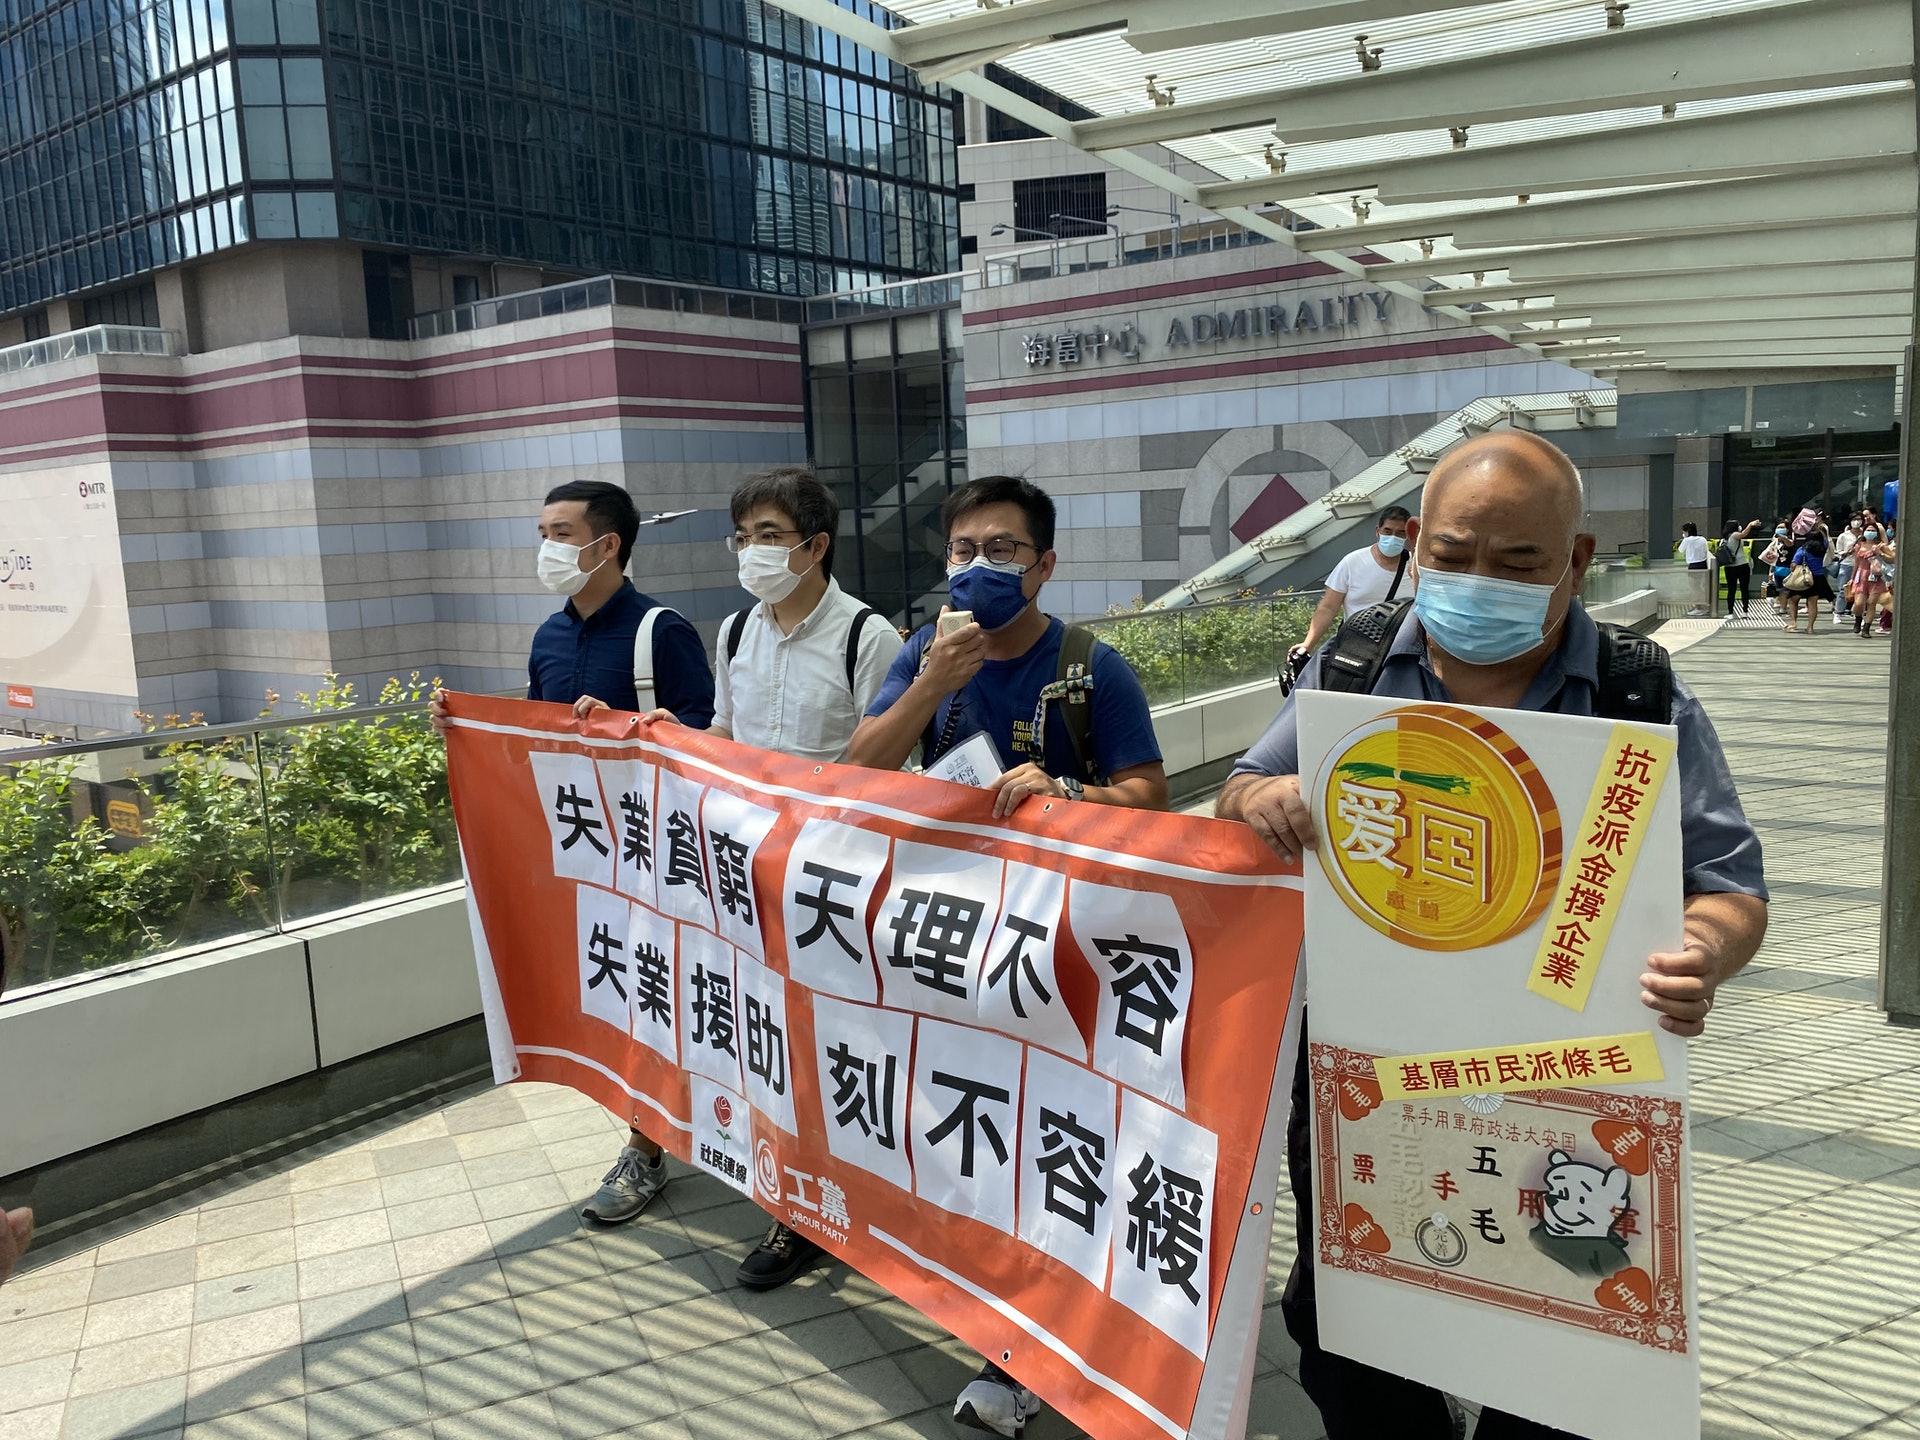 去年社民連和工黨分兩批各4人示威時,於天橋被警方控違限聚令罪成,今年社民連及工黨僅共4人抗議。(鍾妍攝)